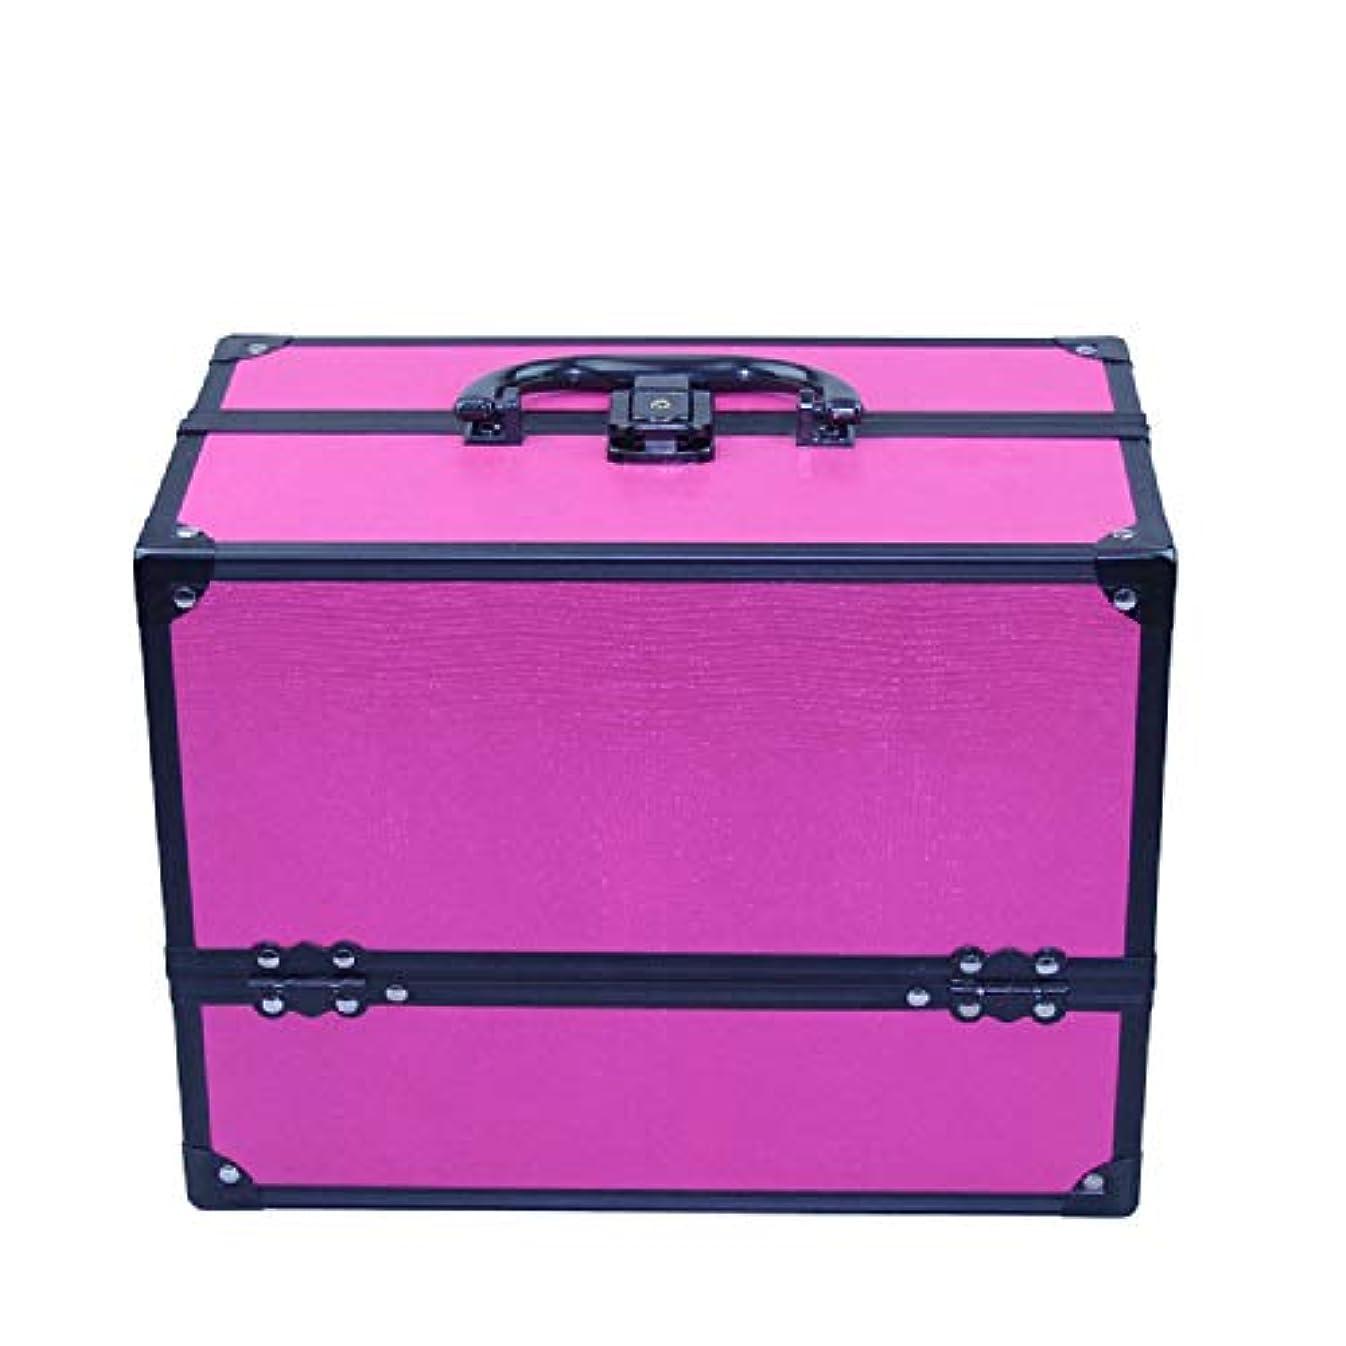 堤防突き出すパントリー化粧オーガナイザーバッグ 純粋な色のポータブル化粧品ケーストラベルアクセサリーシャンプーボディウォッシュパーソナルアイテムストレージロックとスライディングトレイ 化粧品ケース